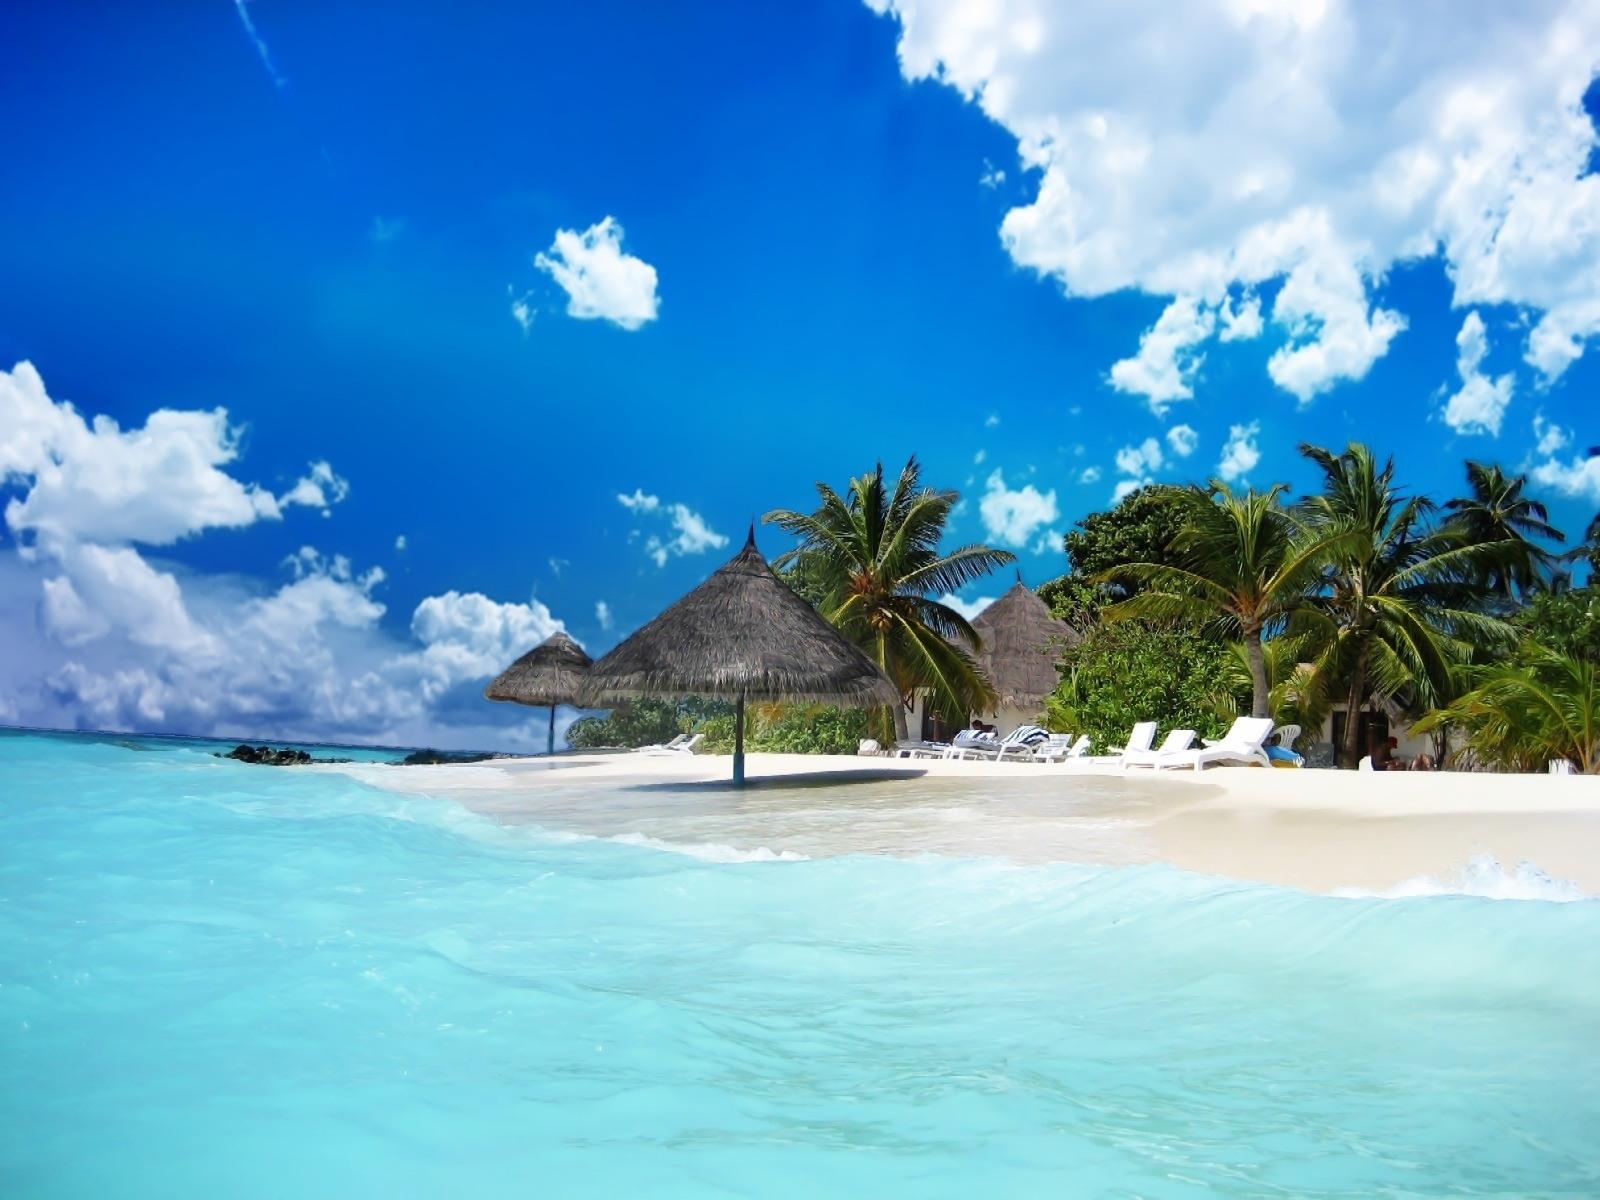 909壁紙のダウンロード風景, スカイ, 海, ビーチ, パームス-スクリーンセーバーと写真を無料で